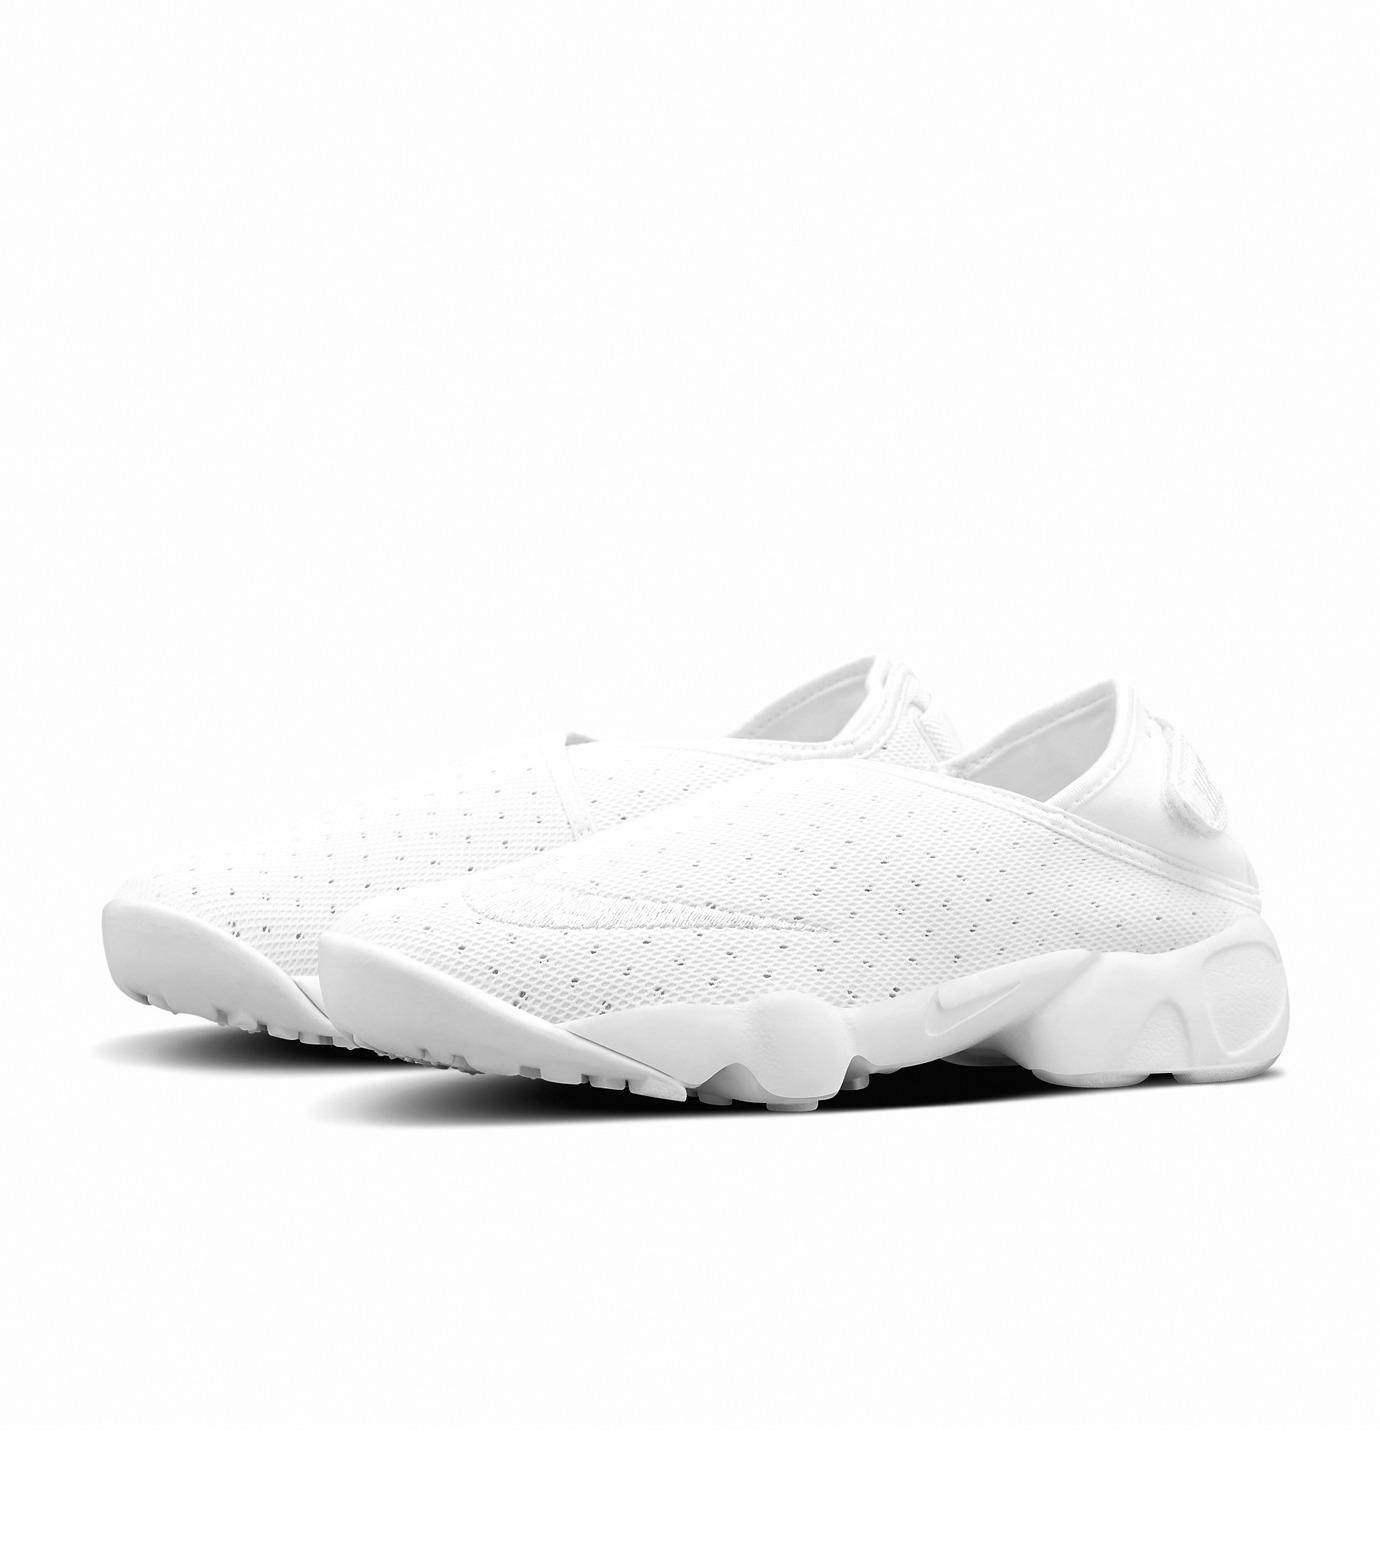 NIKE(ナイキ)のWMNS RIFT WRAP-WHITE(シューズ/shoes)-853541-100-4 拡大詳細画像4